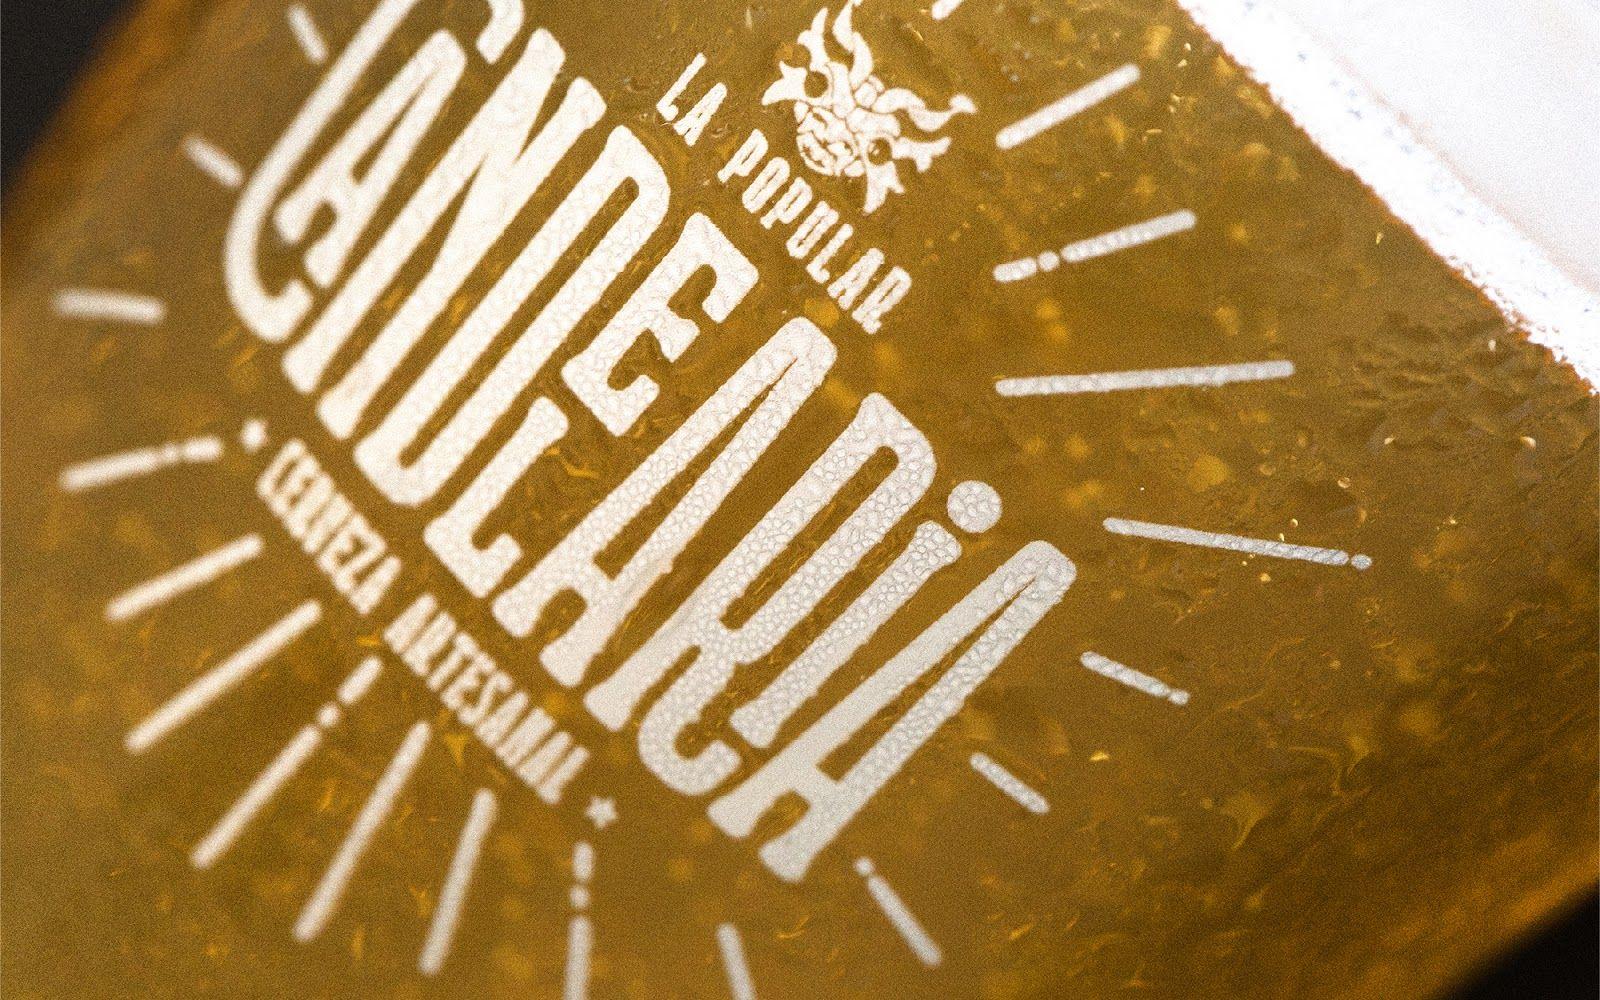 Candelaria Premium Lager